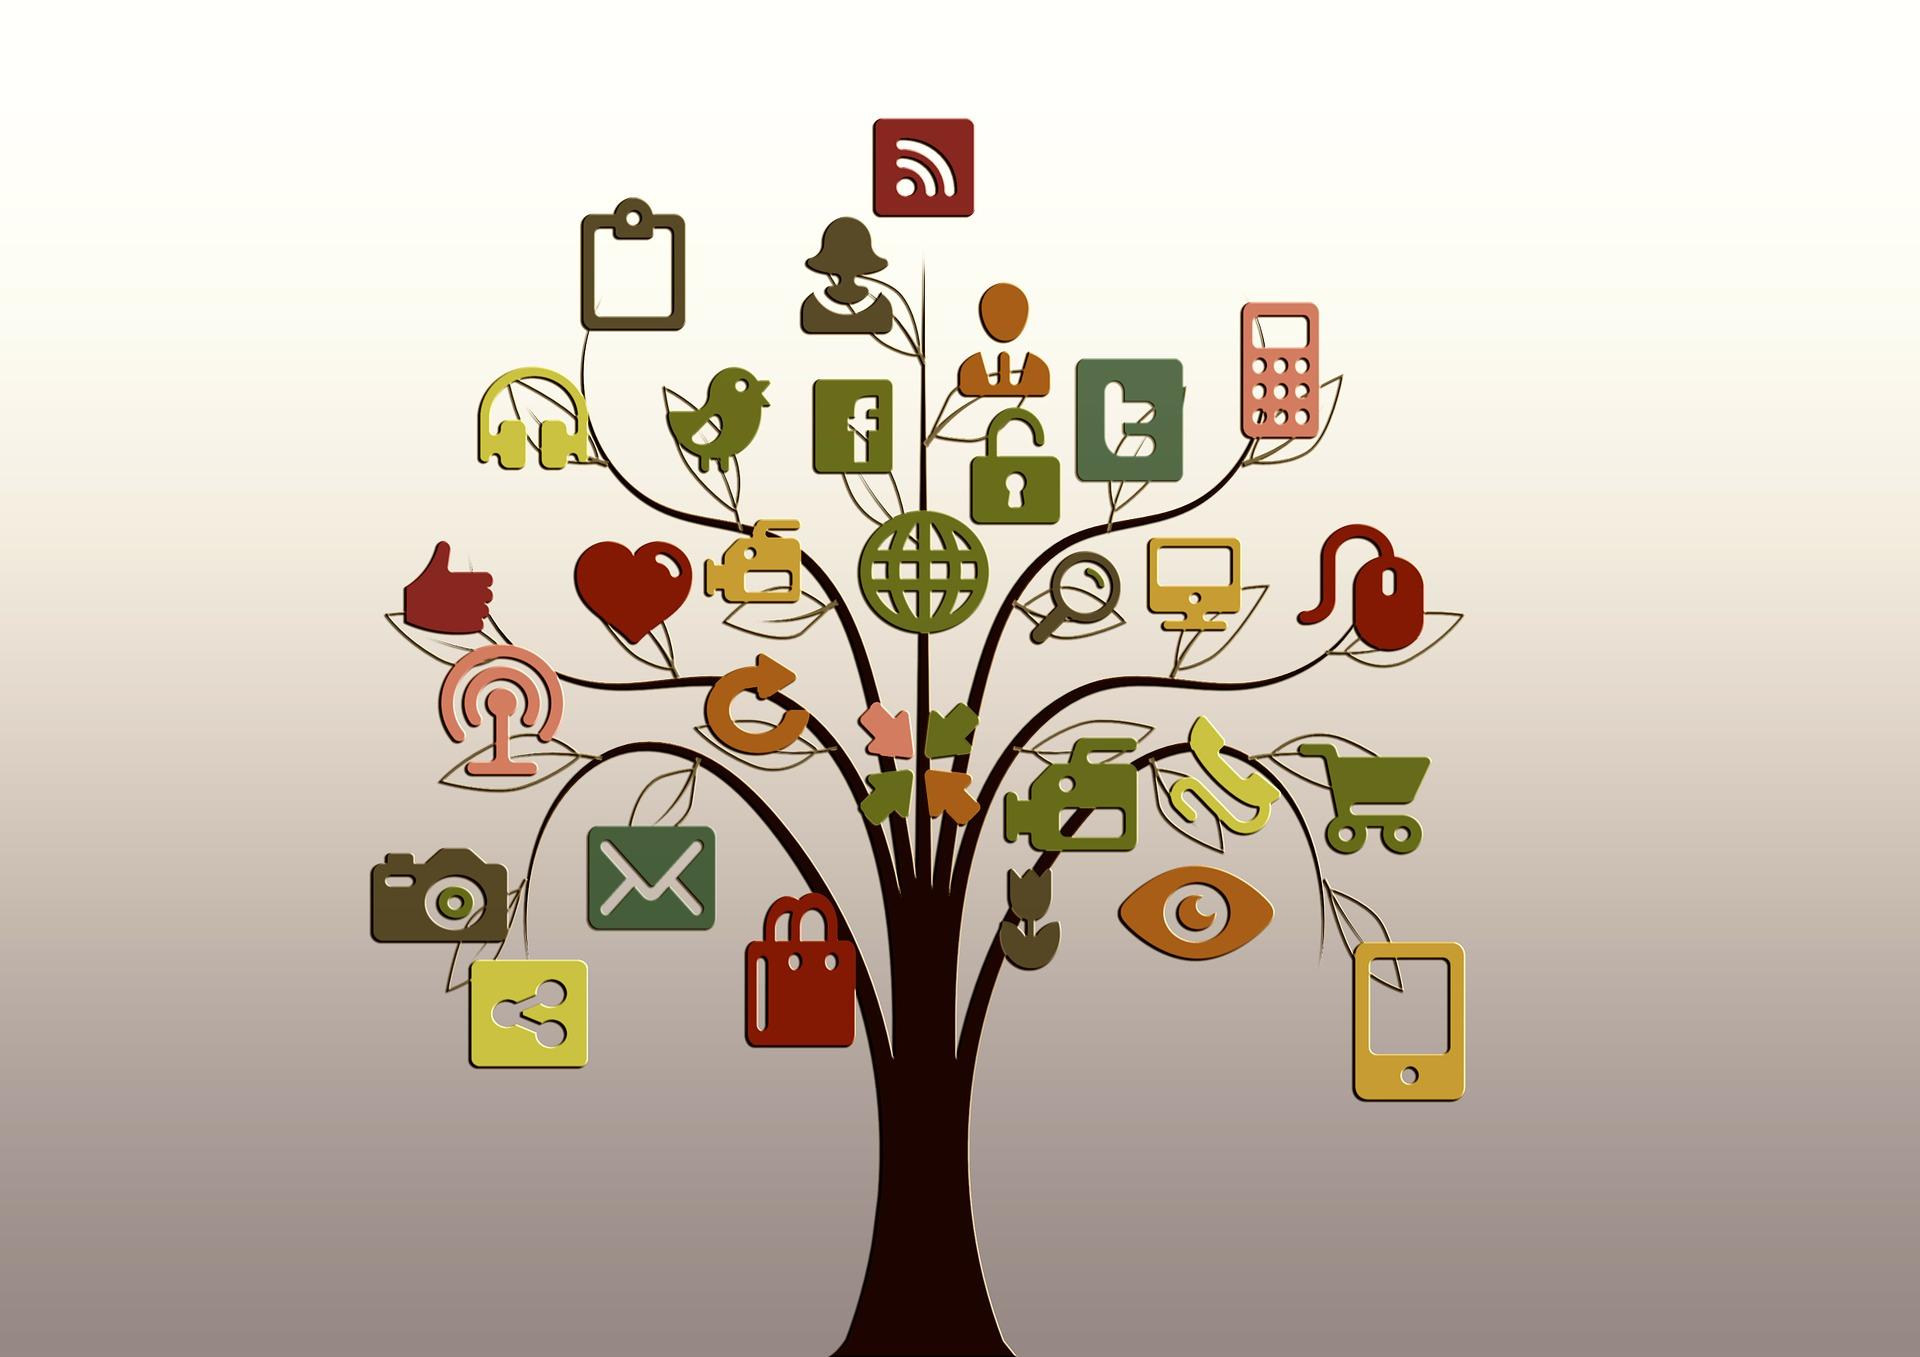 tree, social media, twitter